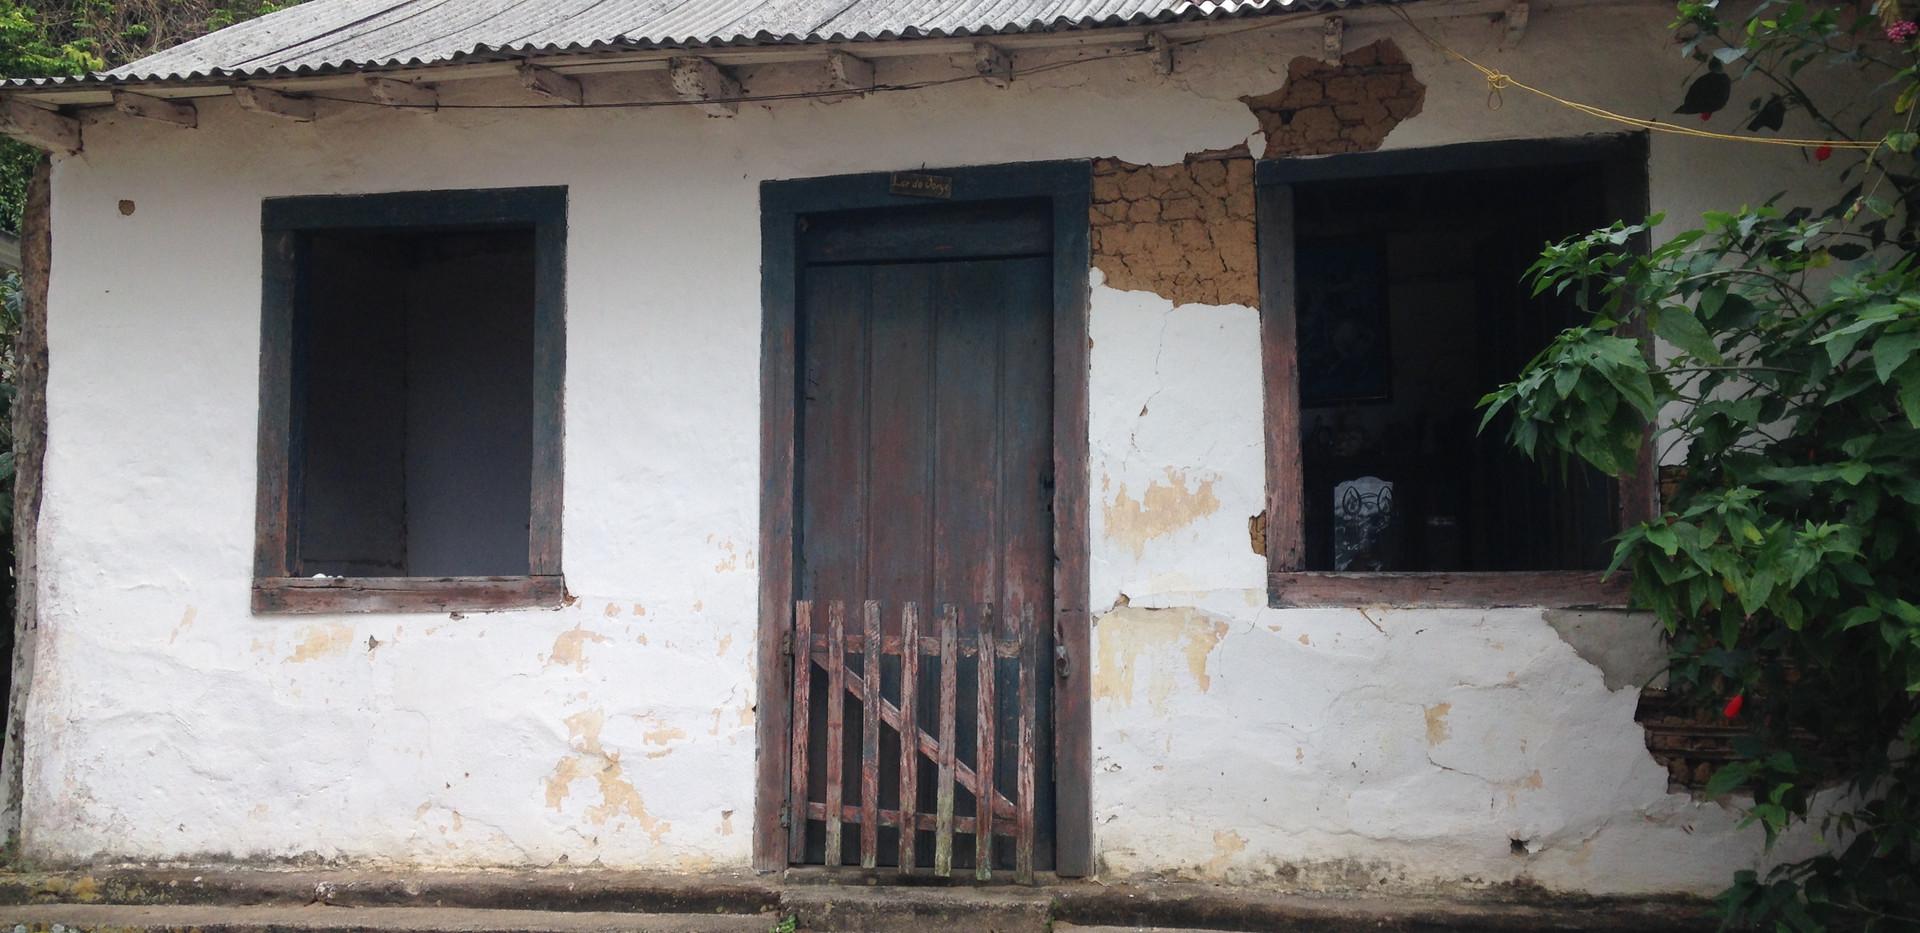 Cultures constructives en terre Brésil_4